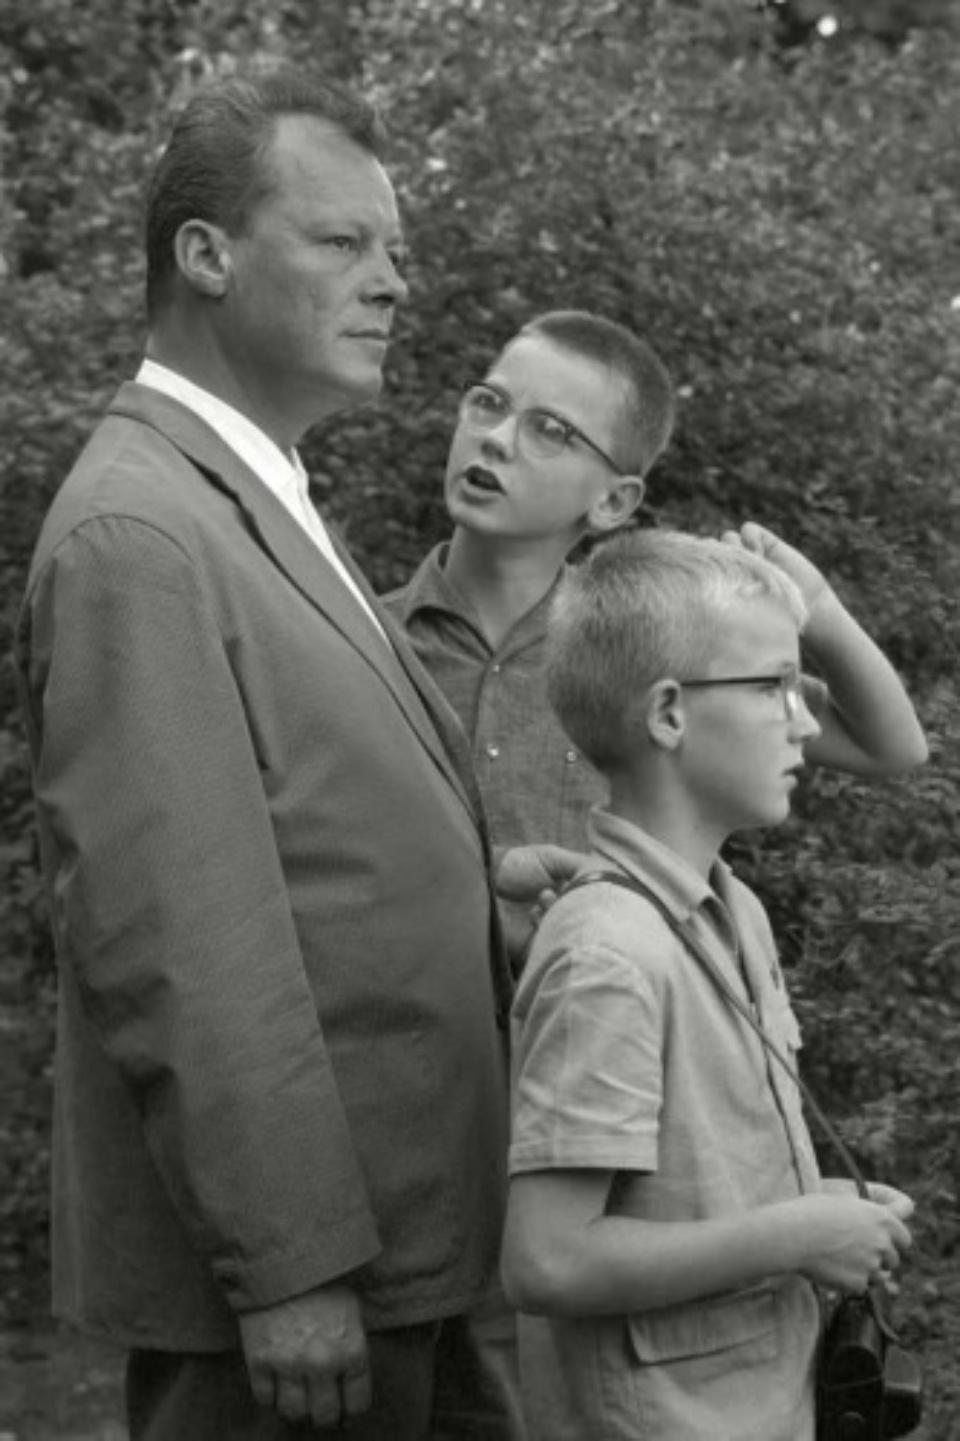 Max Scheler: Berliner Bürgermeister Willy Brandt mit seinen Söhnen, Berlin, Germany 1961 Modern gelatin silver print 50 x 40 cm